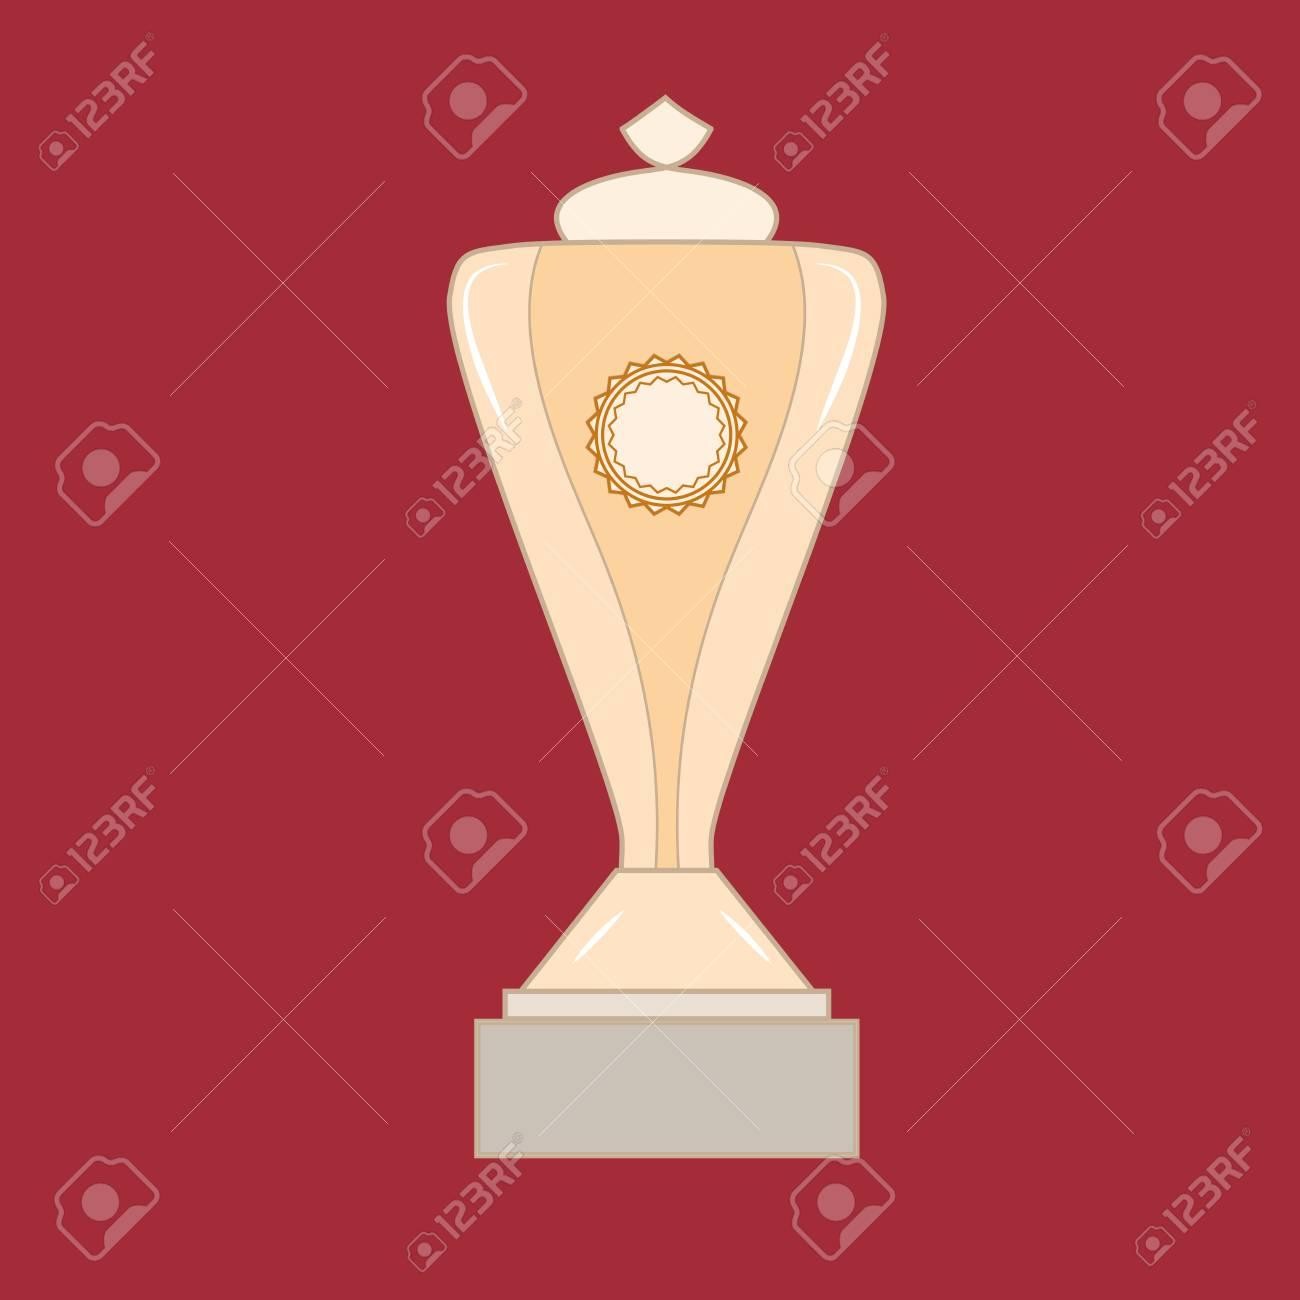 Recompensa De La Copa Aislada Símbolo Moderno De La Victoria Y El ...